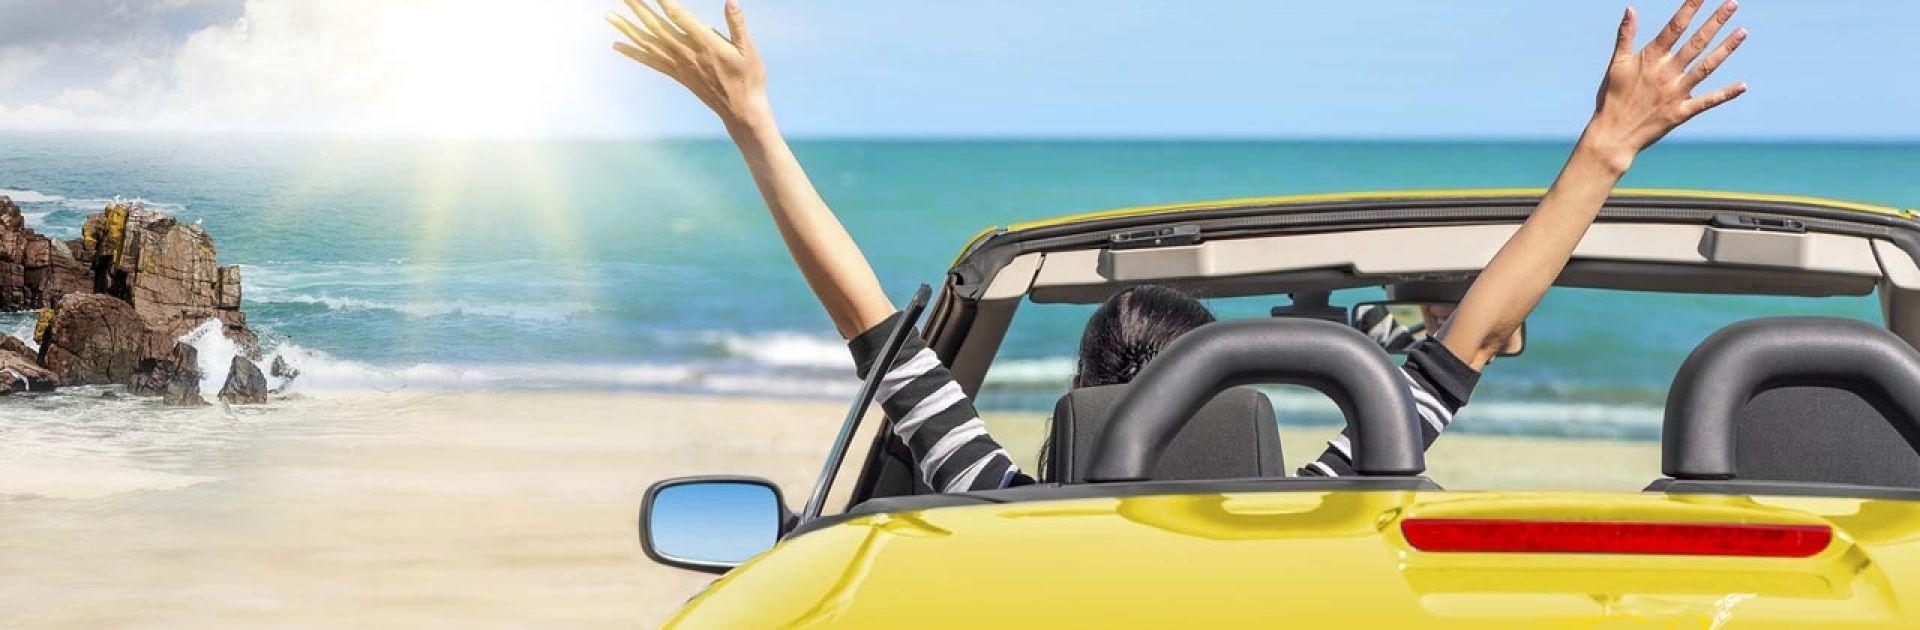 Lengvųjų automobilių nuoma Klaipėdoje ir Neringoje. Ekonominės, vidutinės, kompaktinės ir miniveno klasės automobiliai  | Keliauk – Jūsų partneris kelyje.